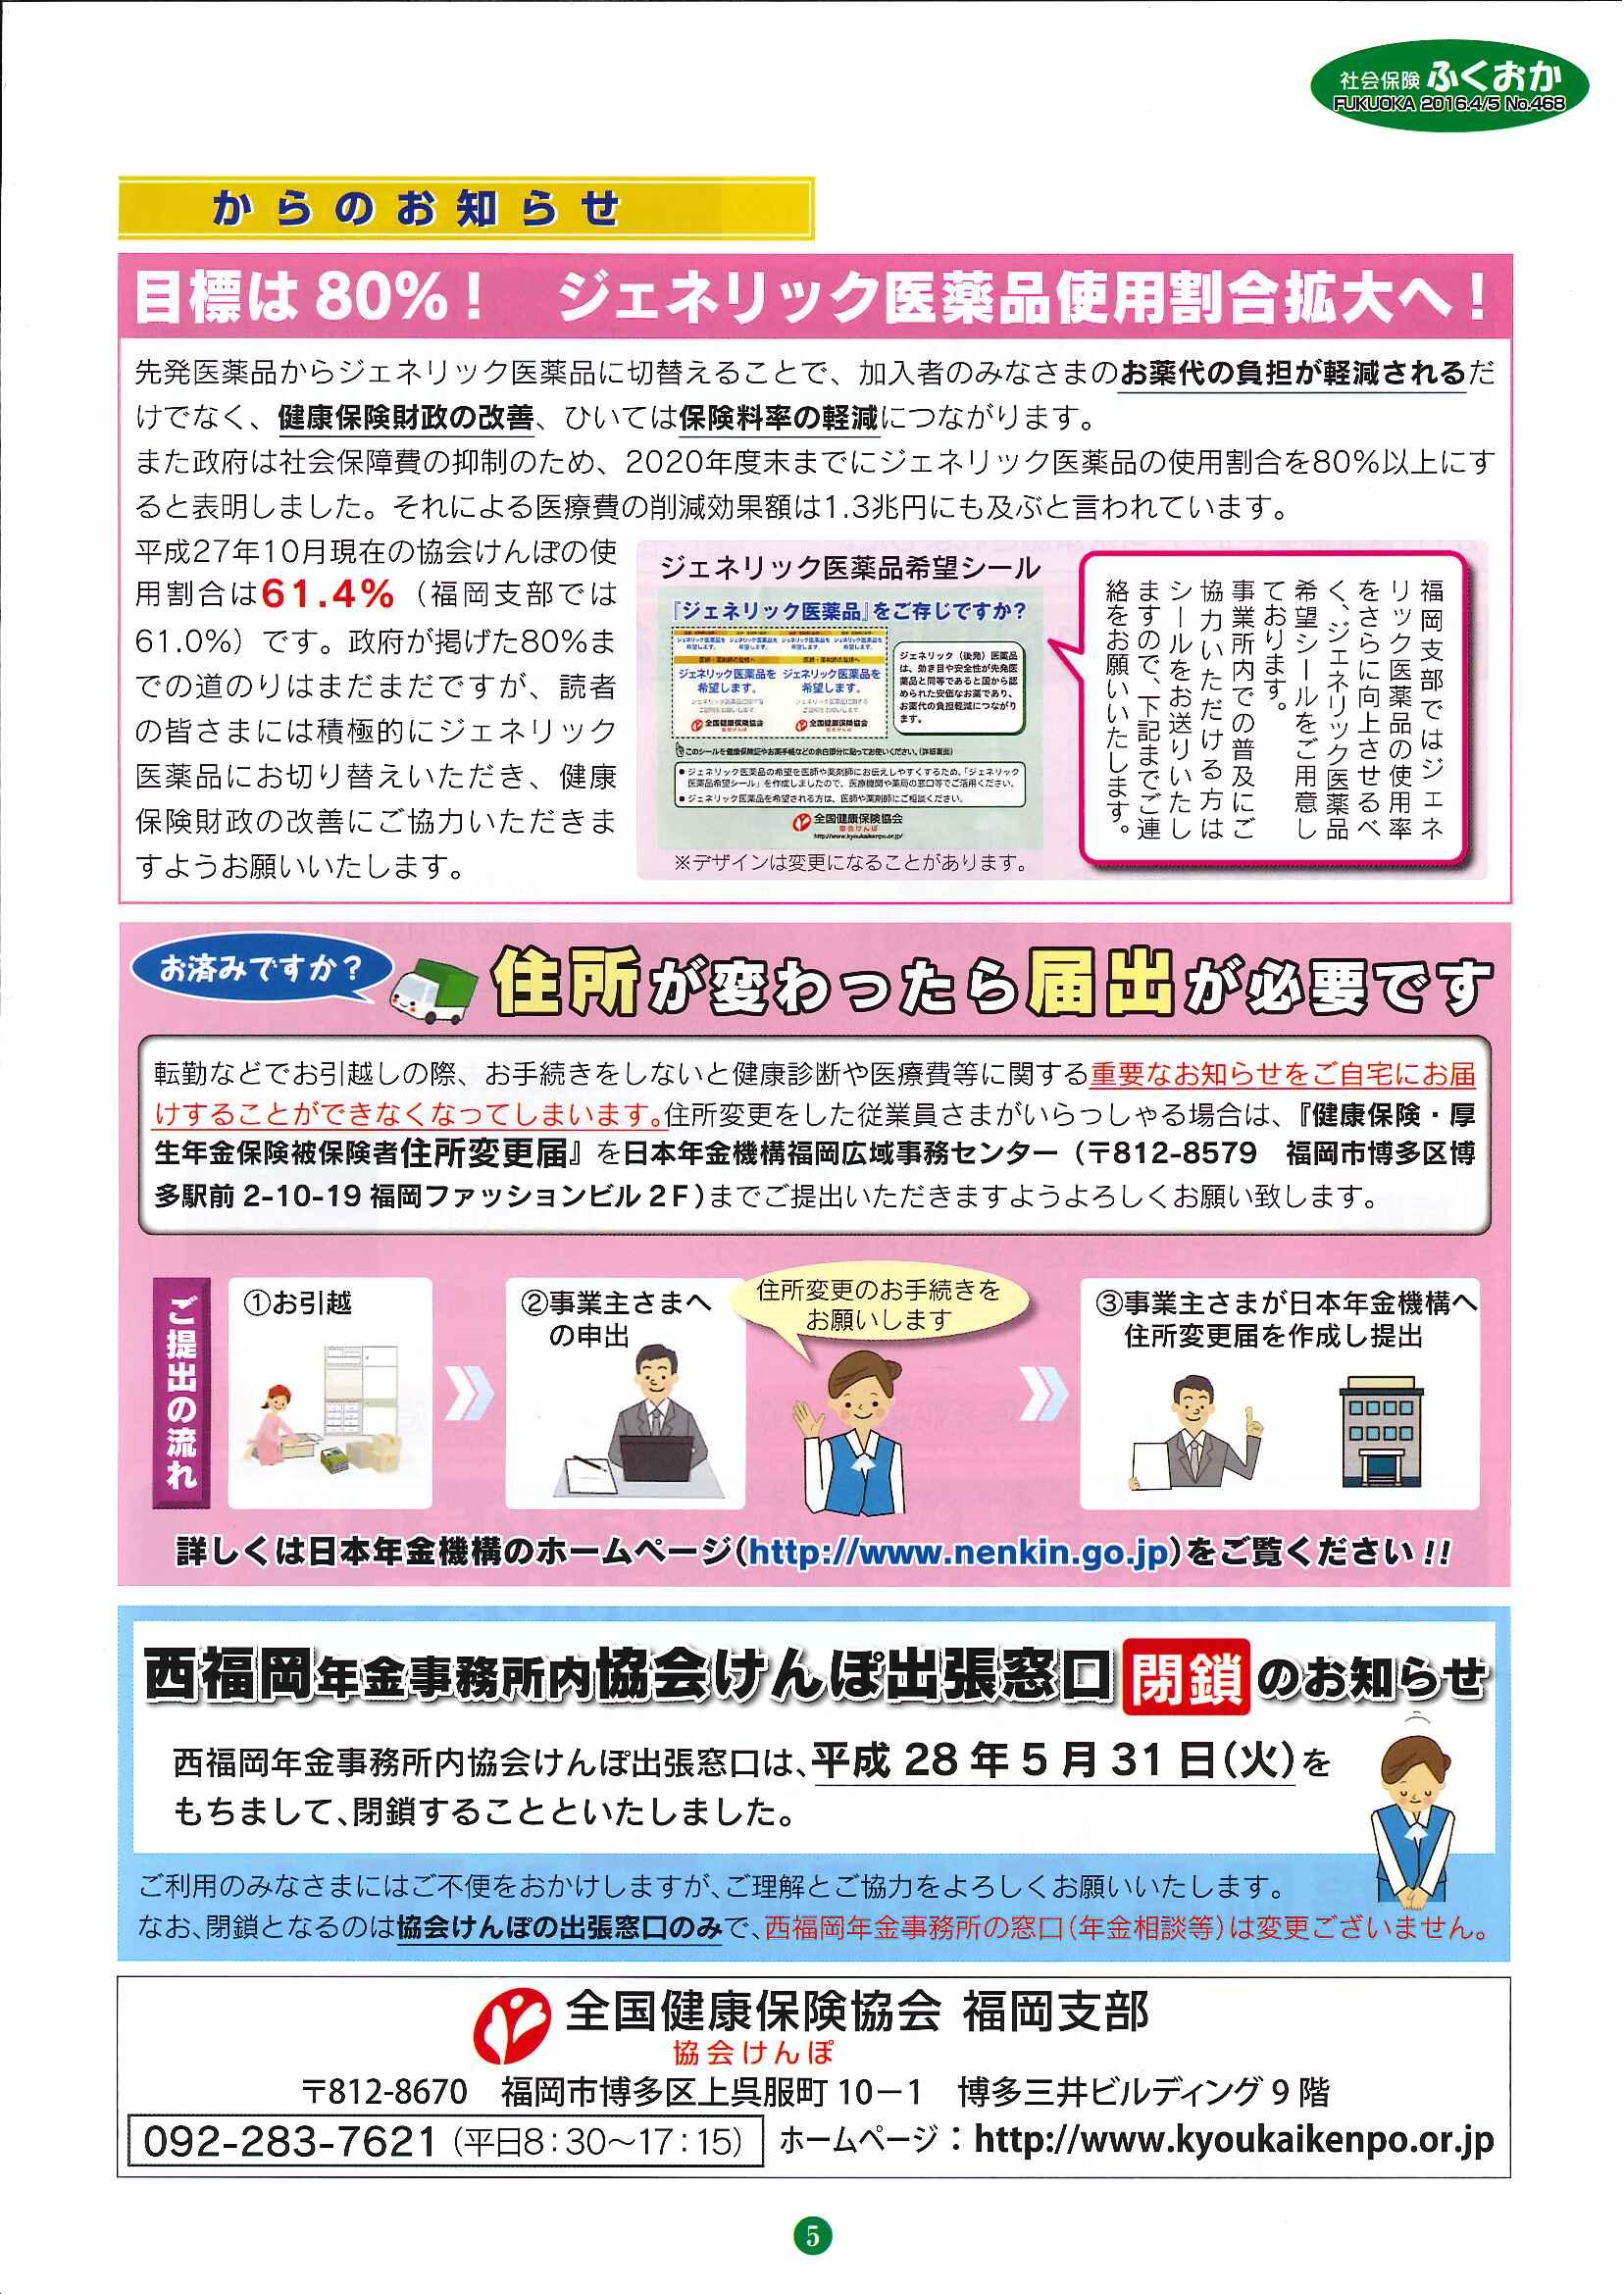 社会保険 ふくおか 2016年4・5月号_f0120774_13332879.jpg